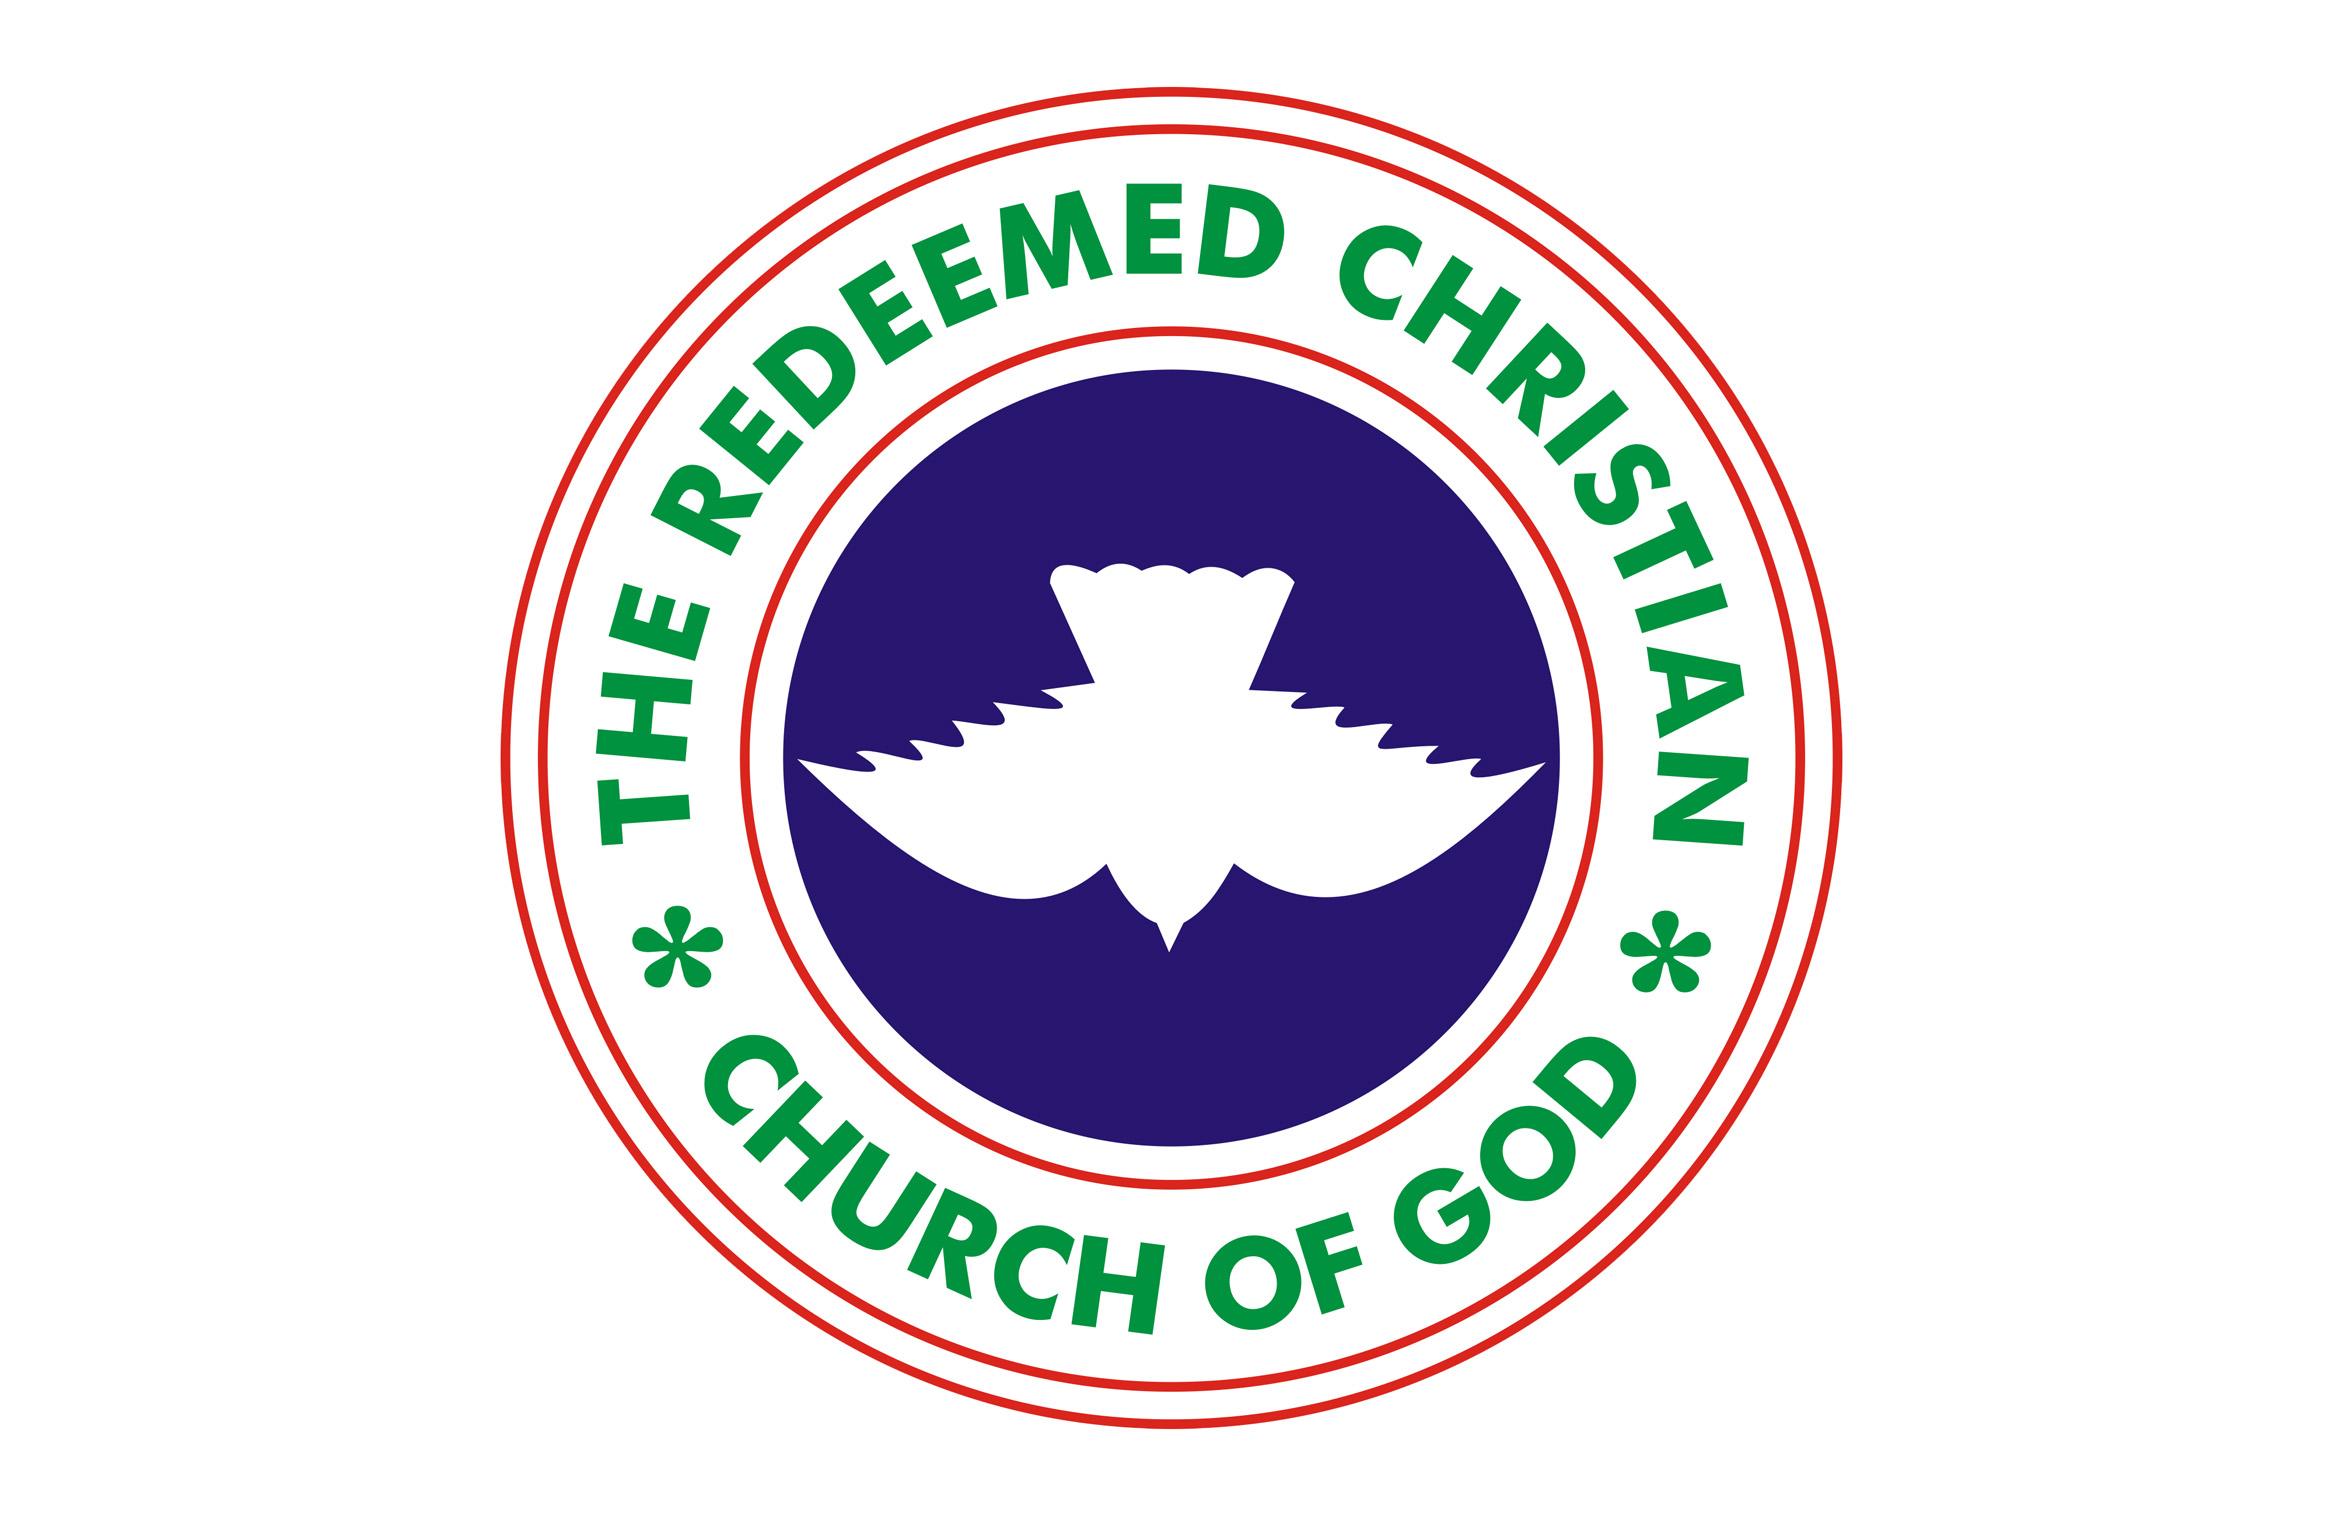 Logotipo de RCCG